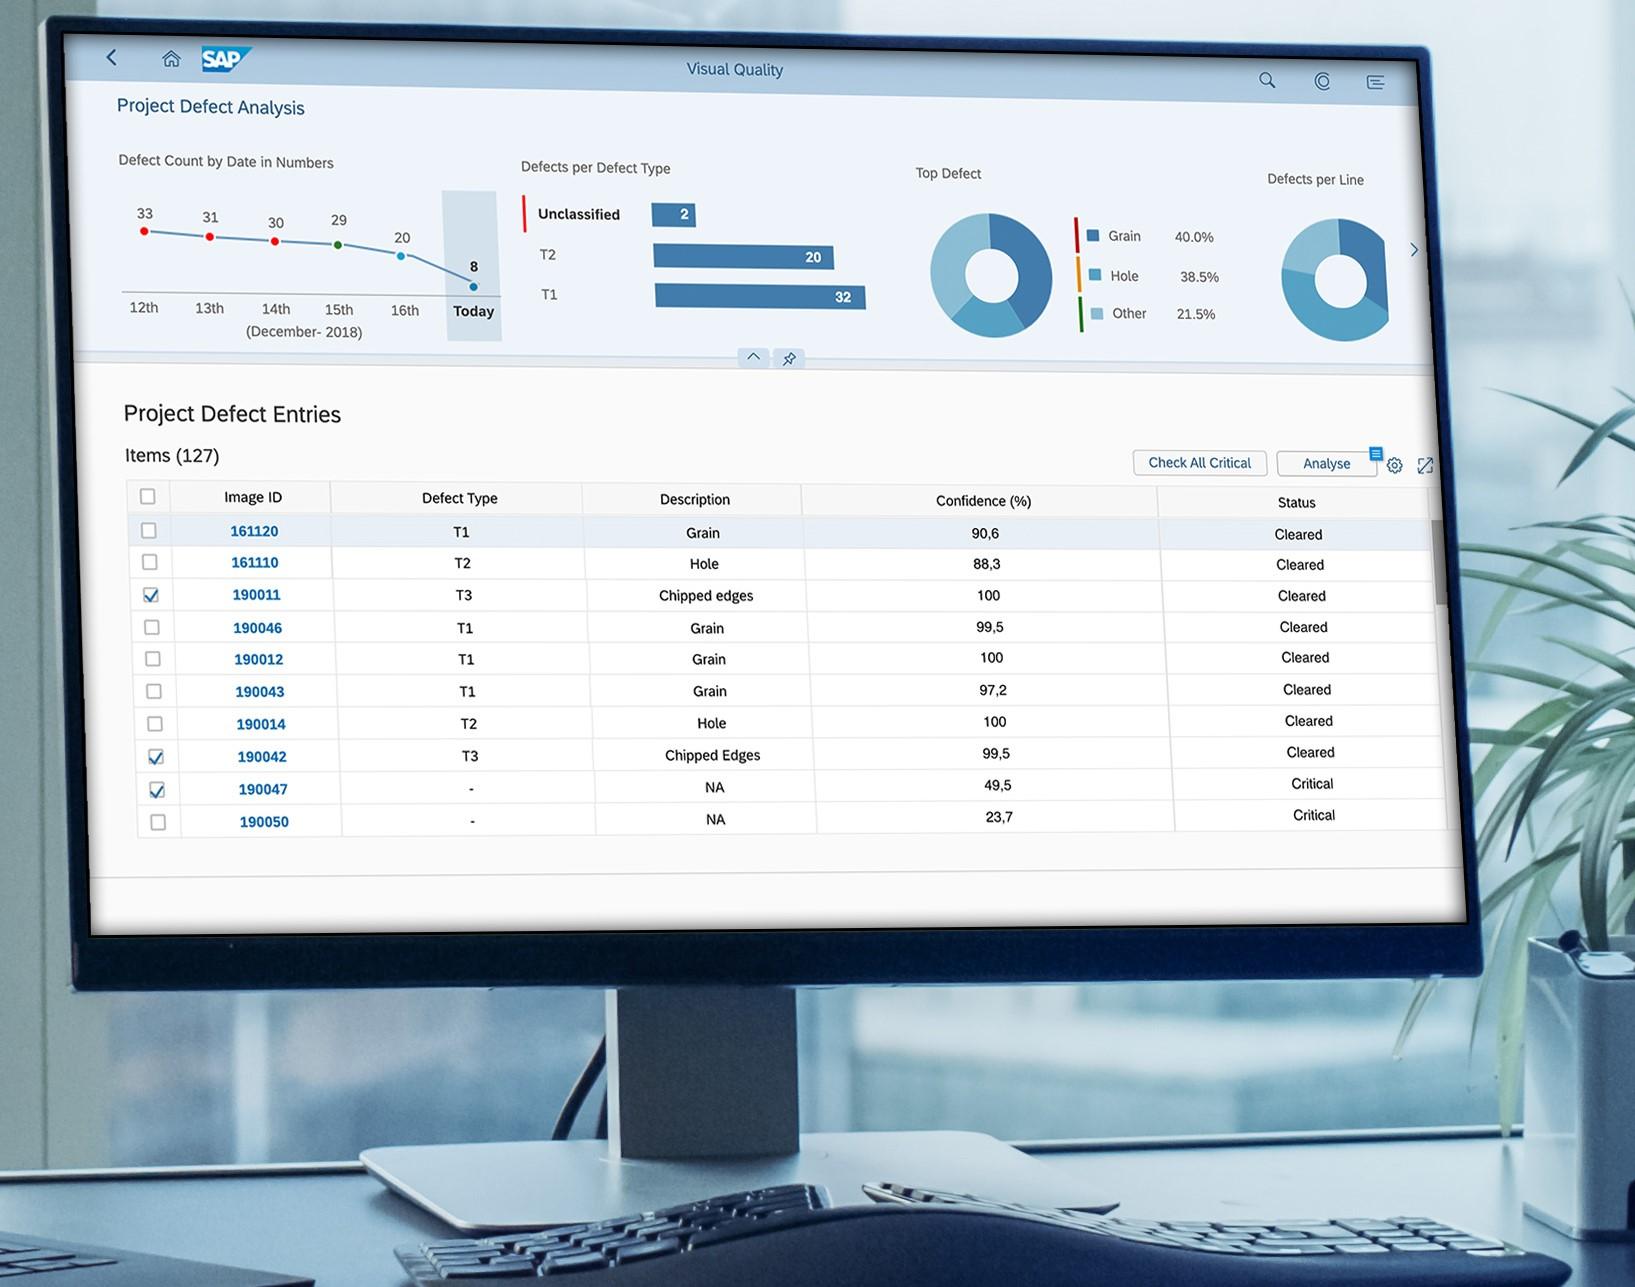 Visual A I  for Quality Control | SAP Blogs